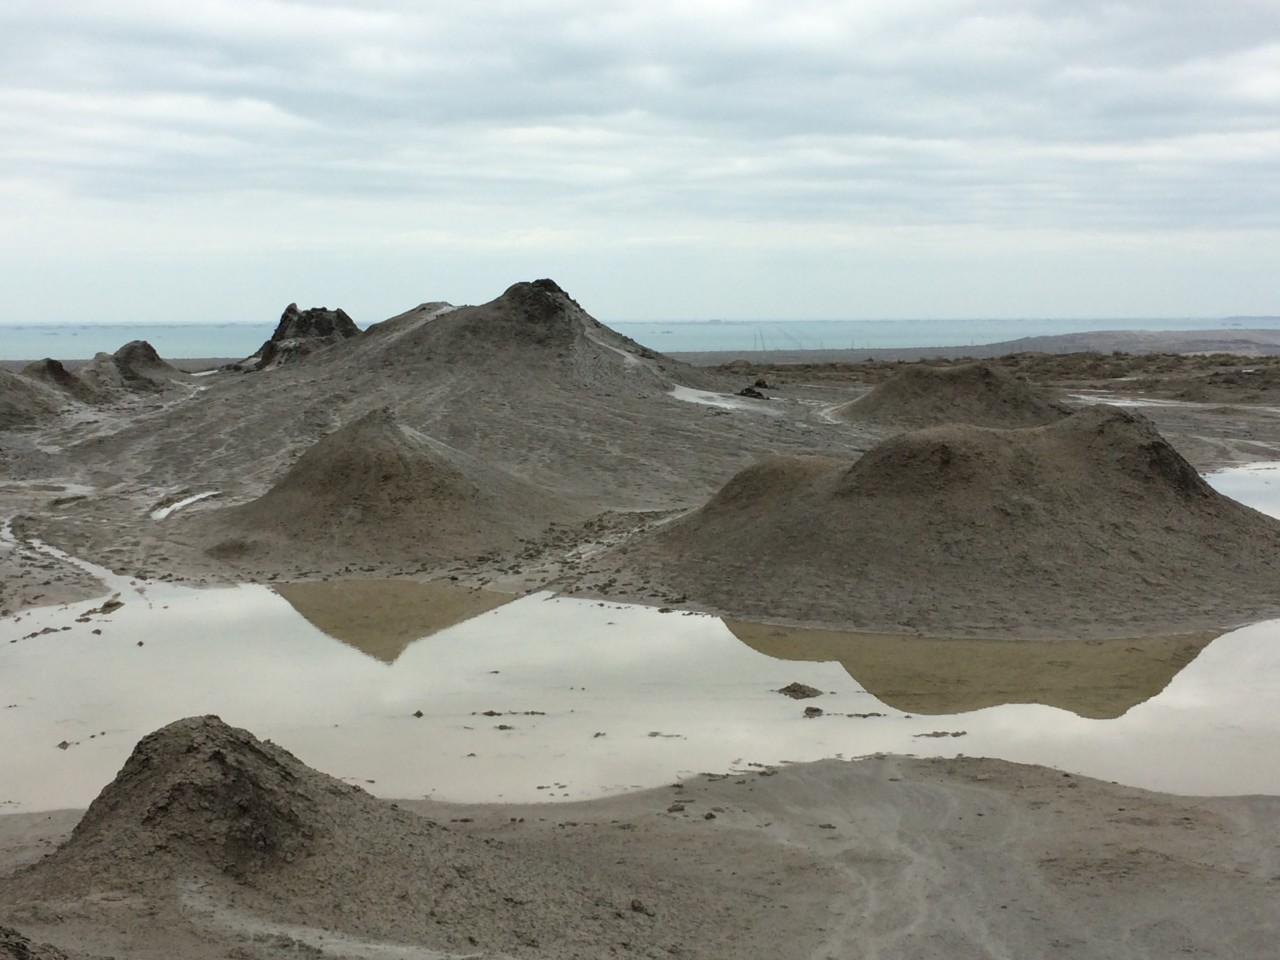 More mud volcanoes